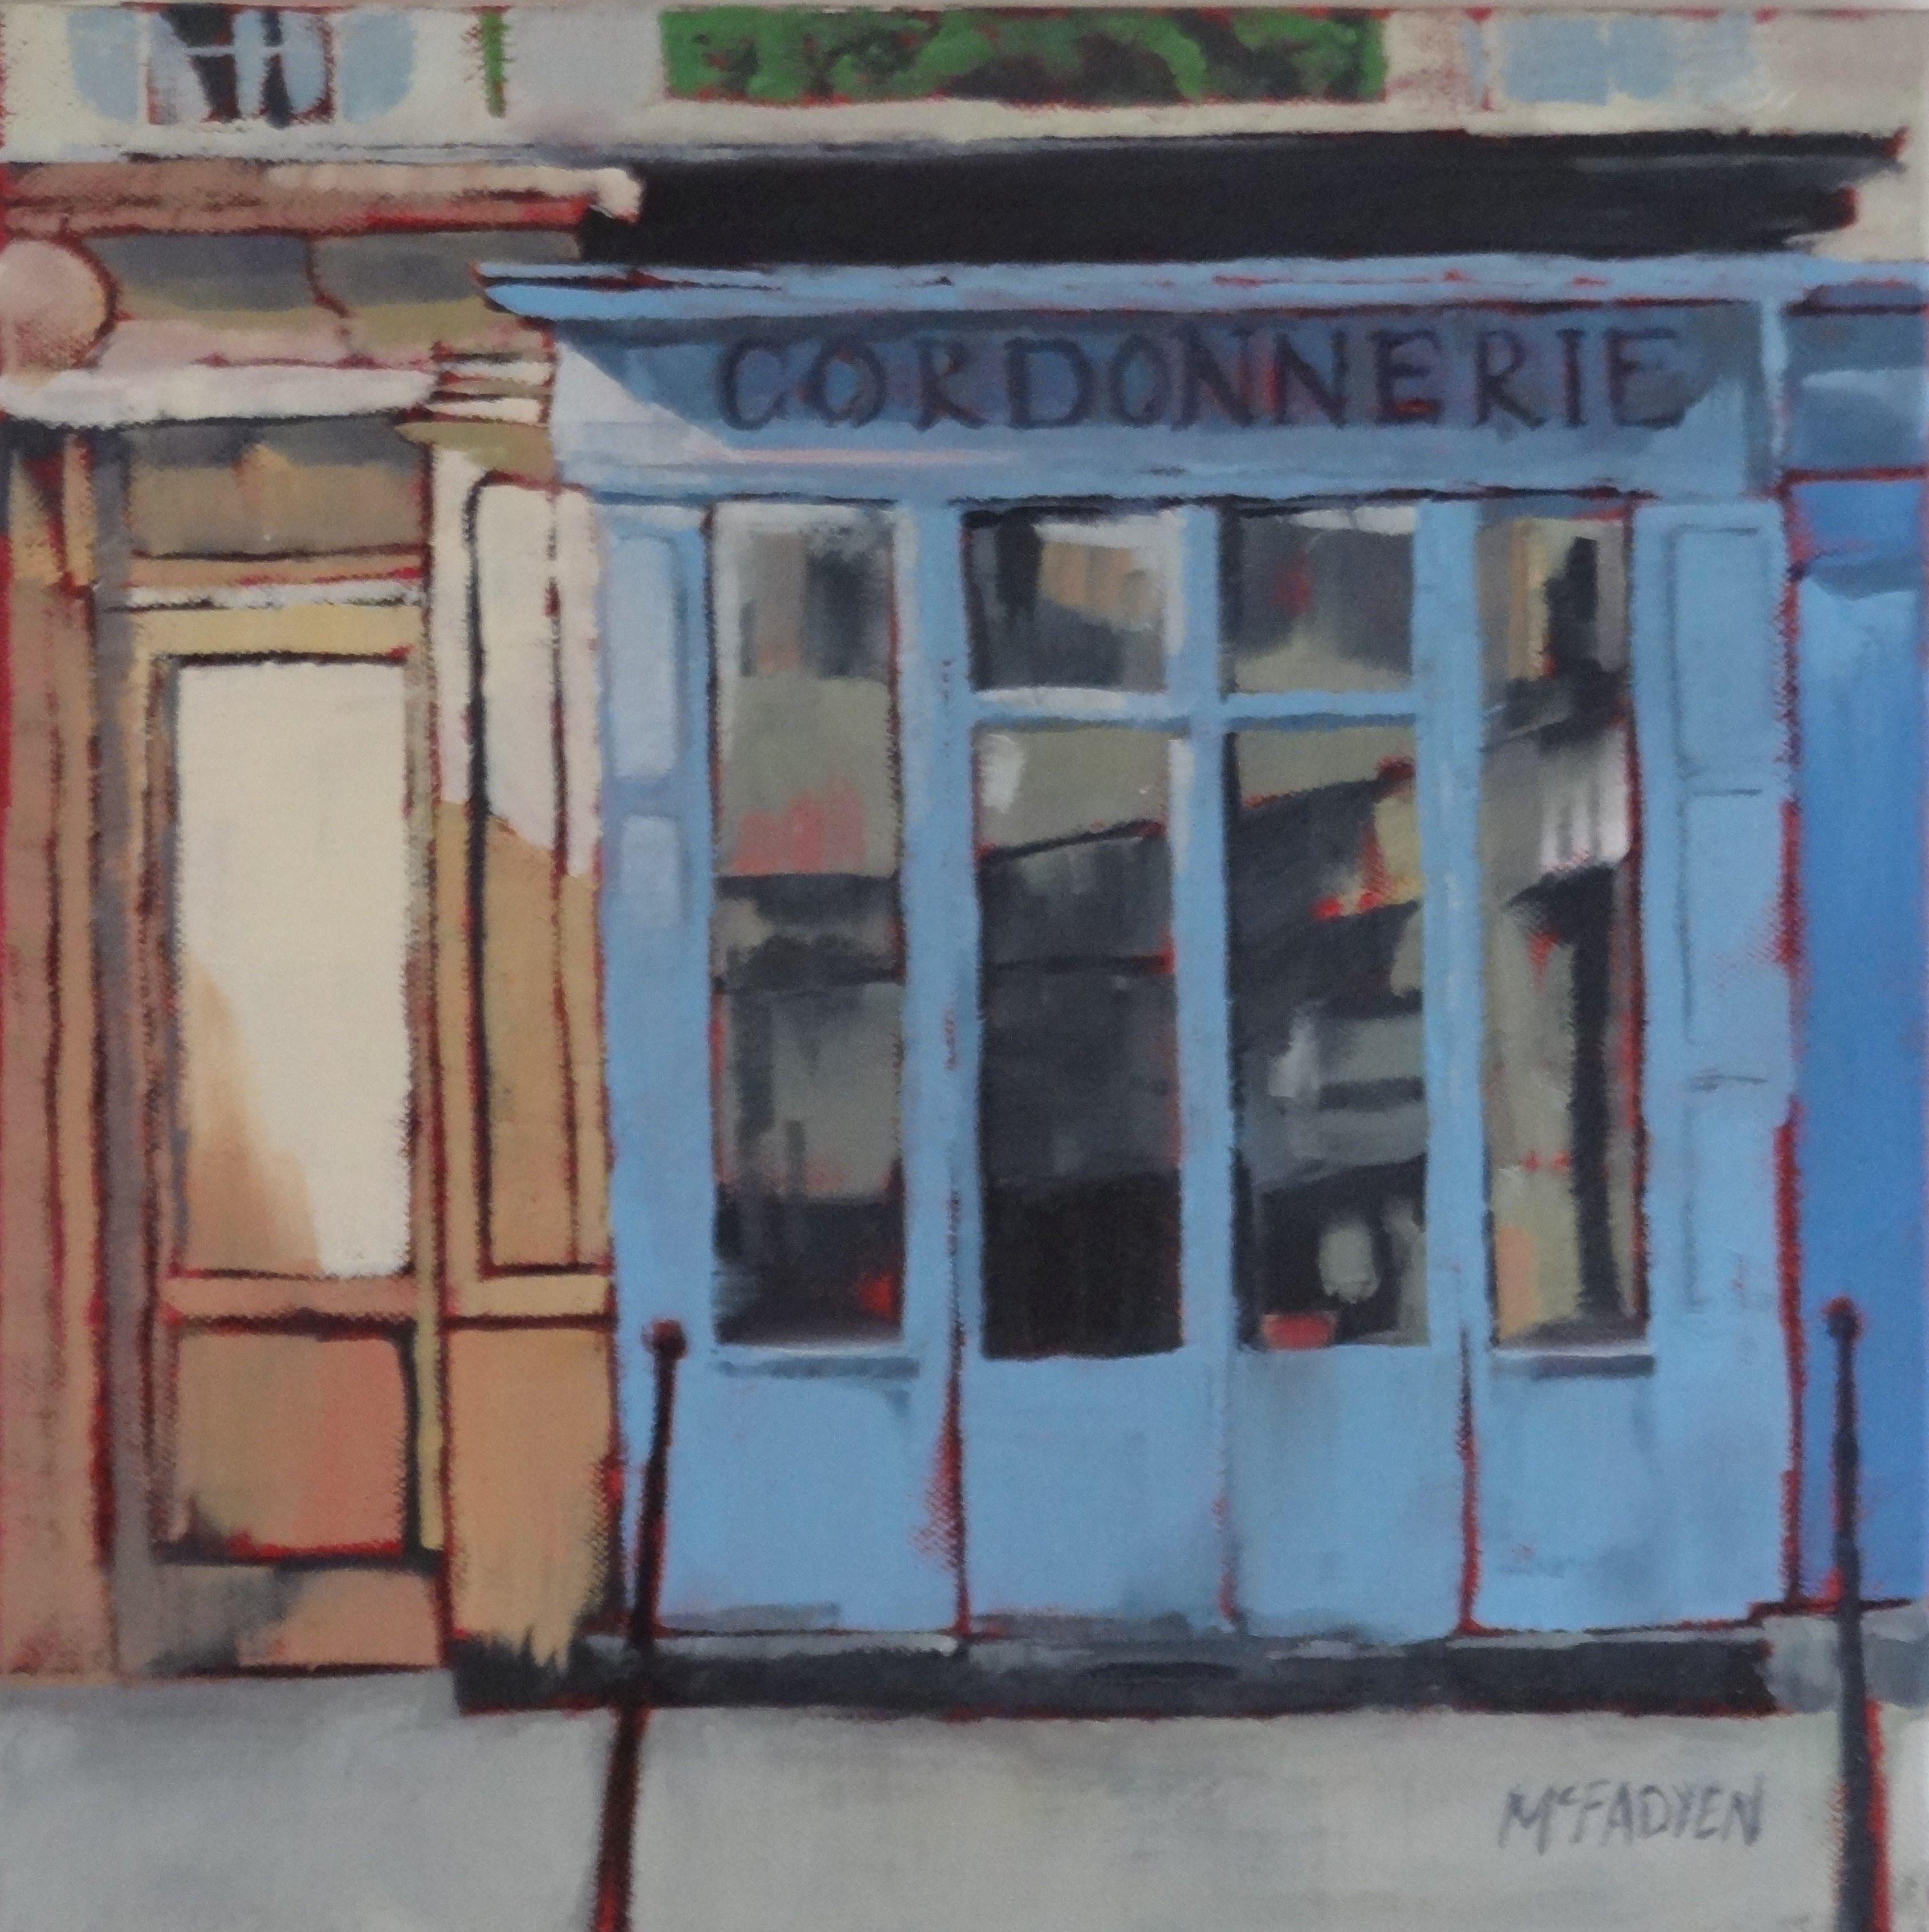 Cordonnerie    LEXMUTT092